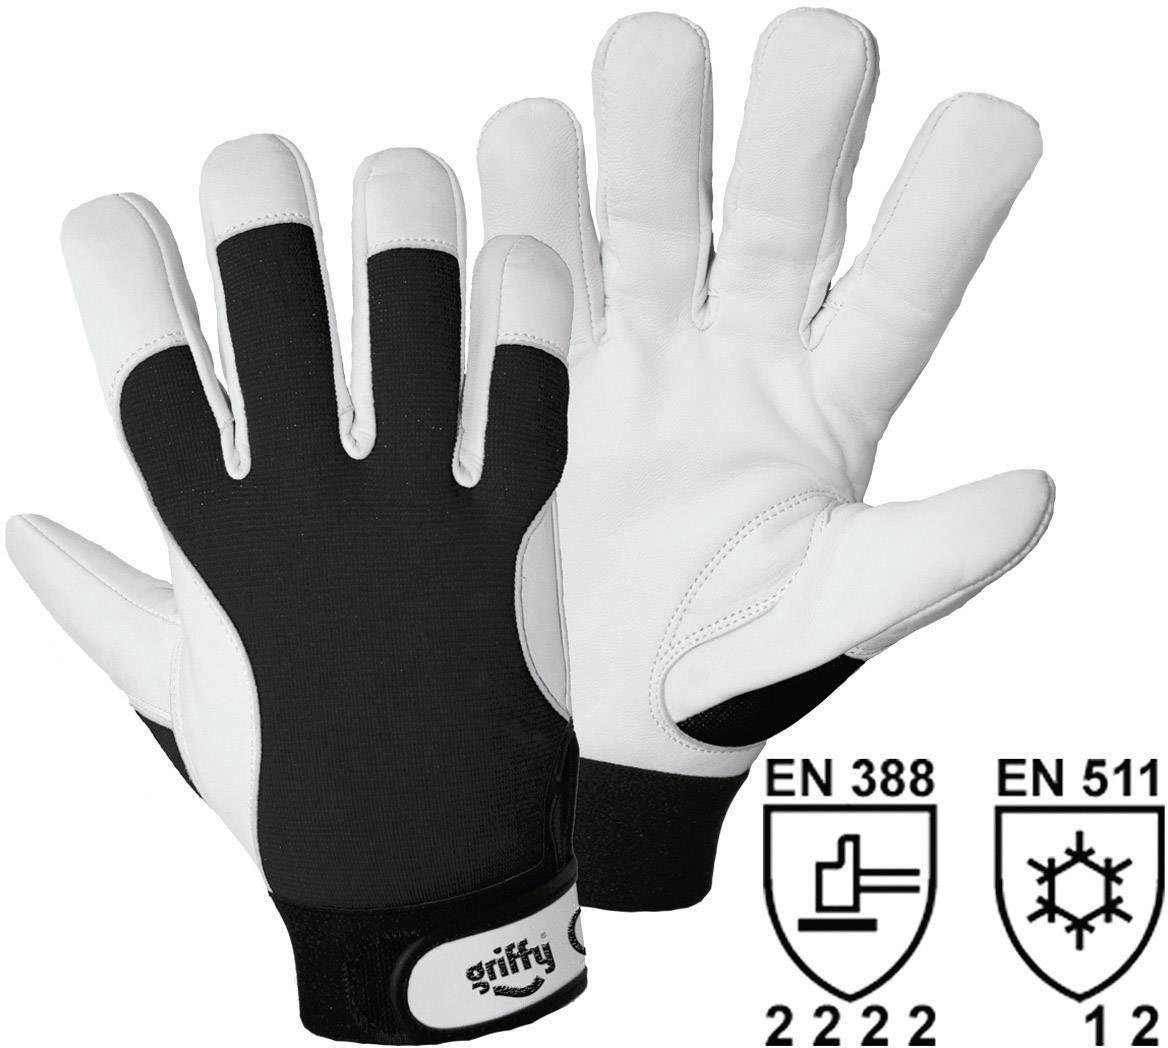 Montážní rukavice Griffy 1707, velikost rukavic: 9, L